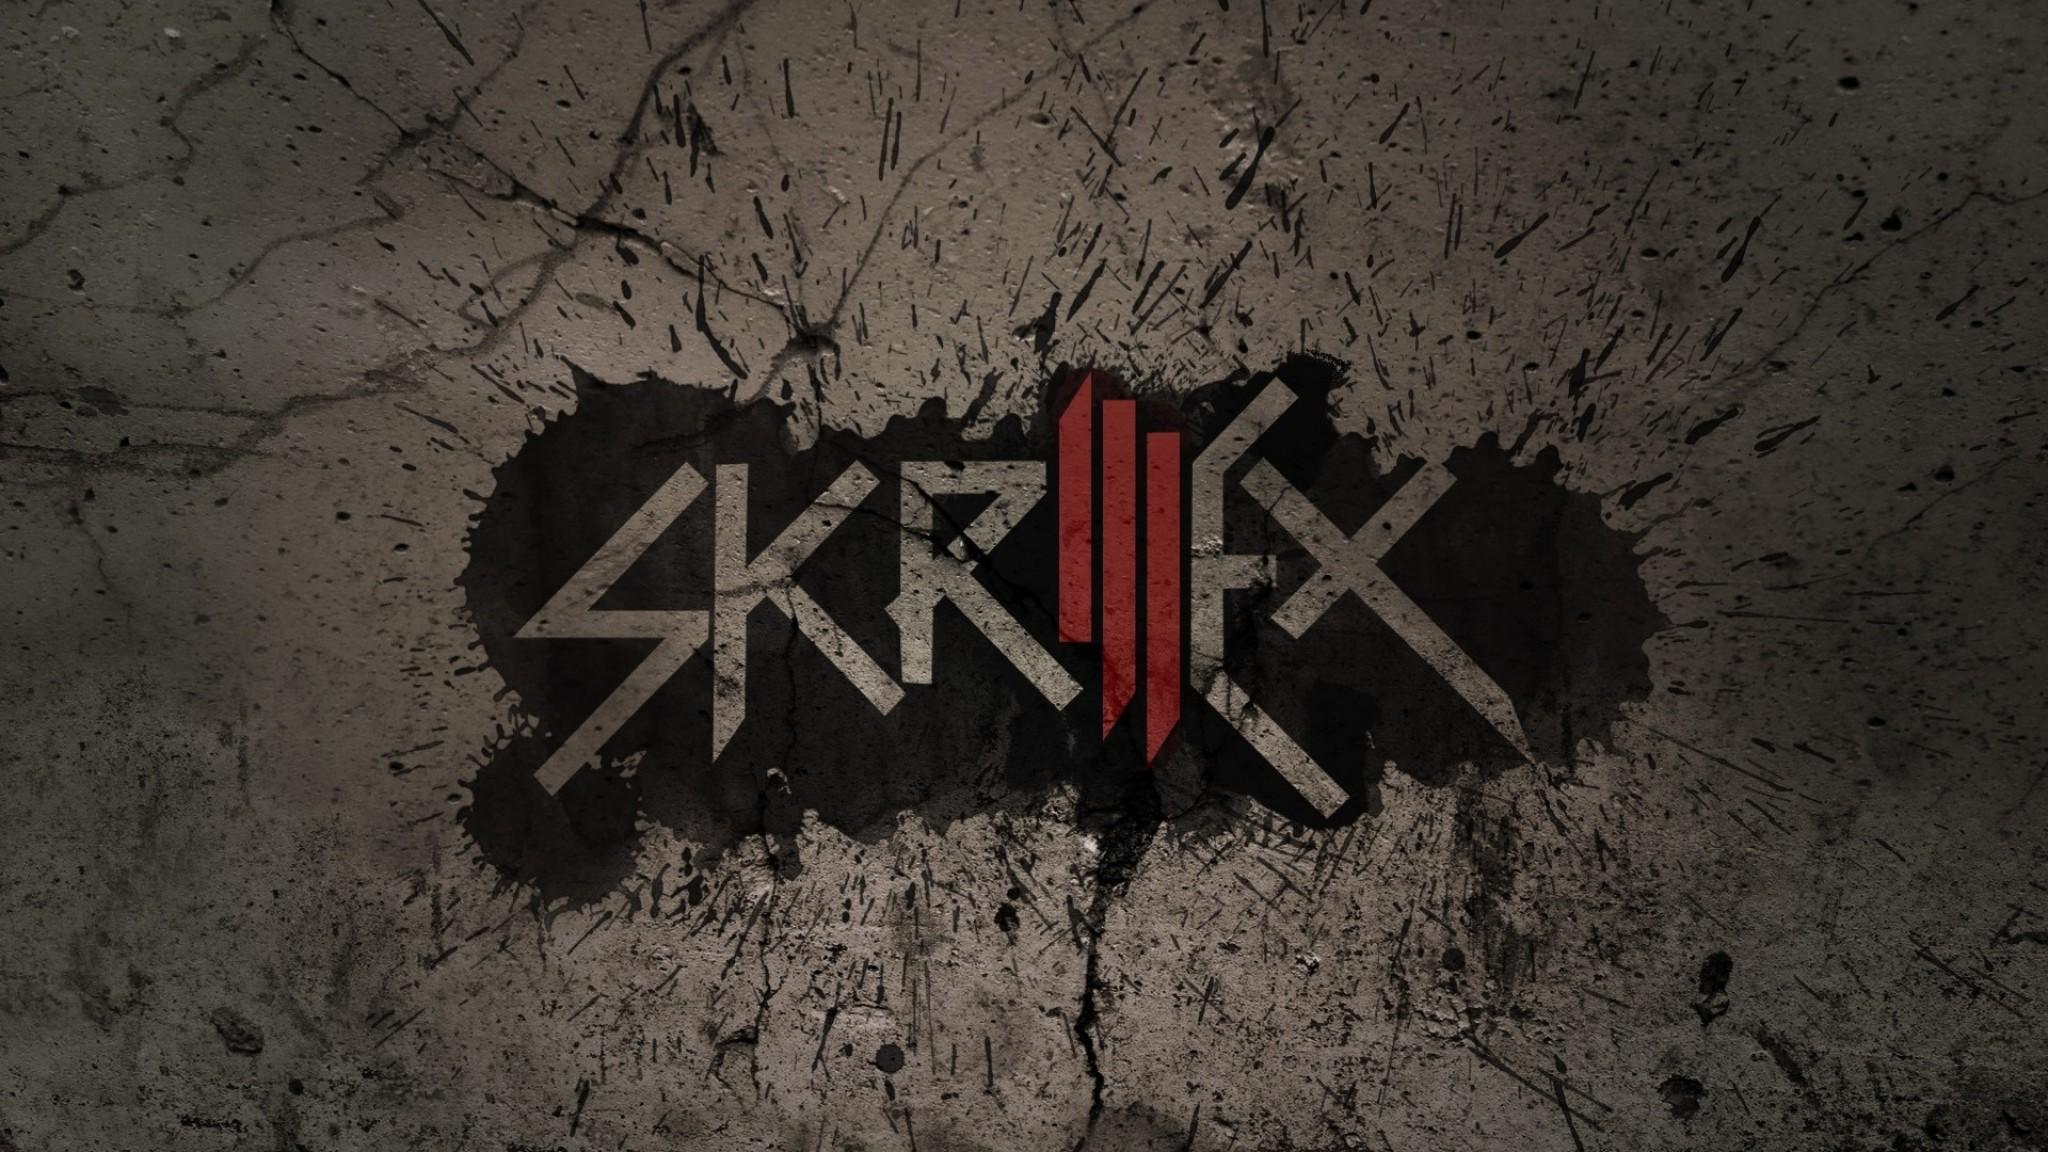 Wallpaper skrillex, name, font, graphics, background